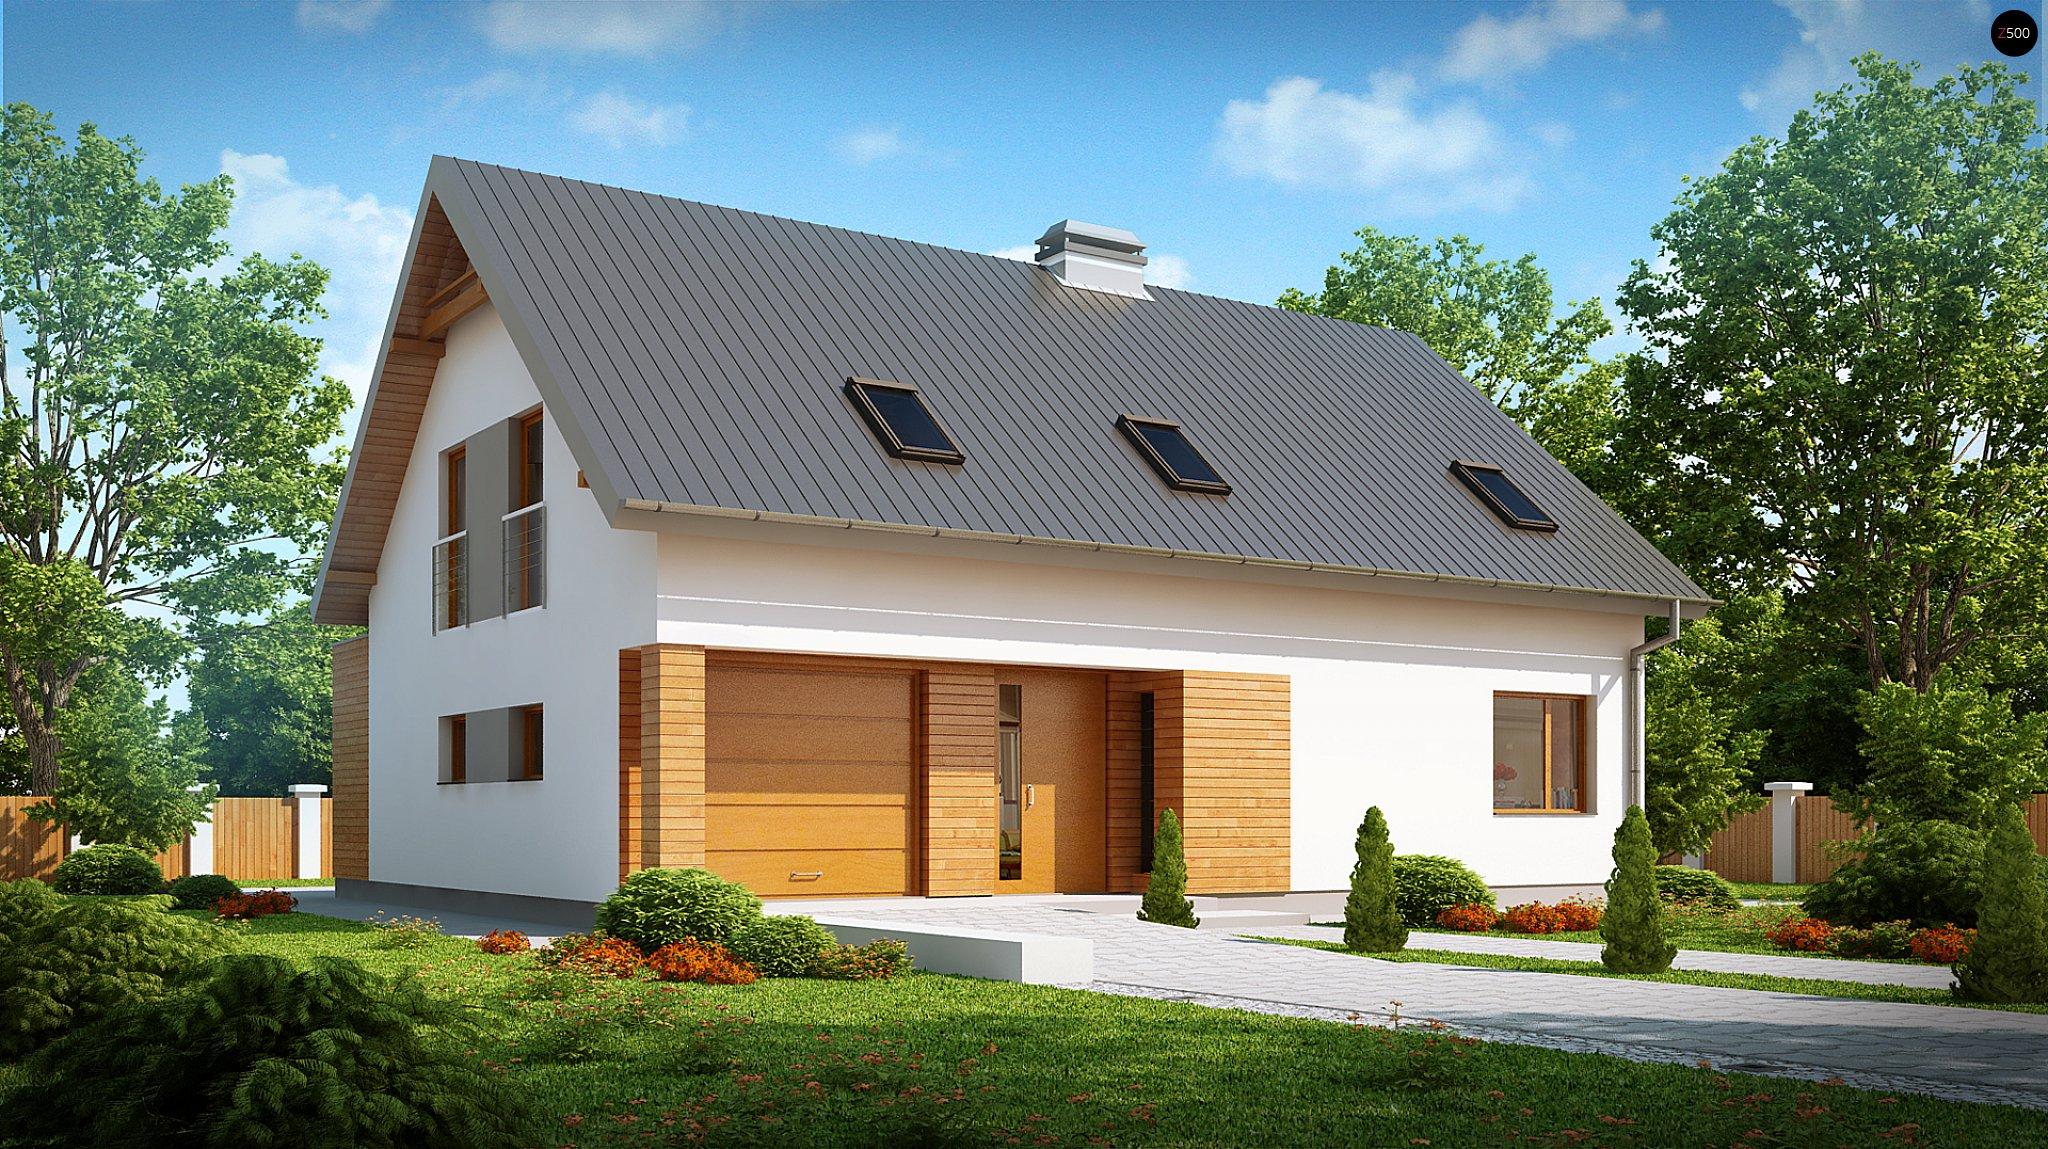 Проект дома z239 ремстройсервис.